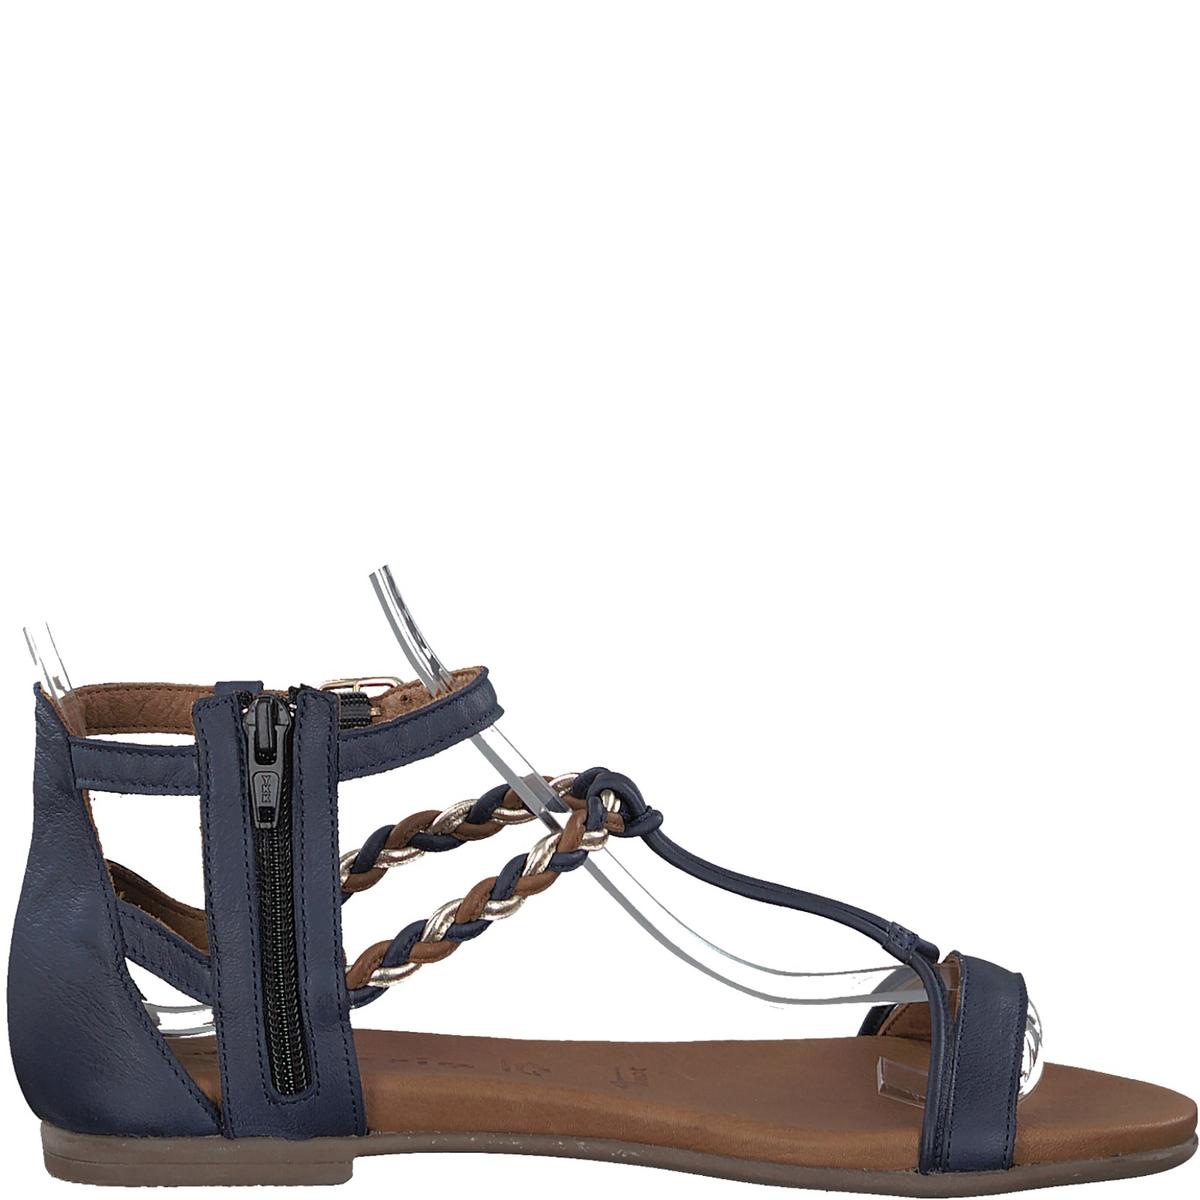 Сандалии кожаные KimОписание:Детали •  Плоский каблук •  Высота каблука : 1 см •  Застежка : ремешок/пряжка •  Открытый мысокСостав и уход •  Верх/Голенище : 100% кожа •  Подкладка : 100% кожа •  Стелька : 100% кожа •  Подошва : 100% синтетический материал<br><br>Цвет: синий морской<br>Размер: 39